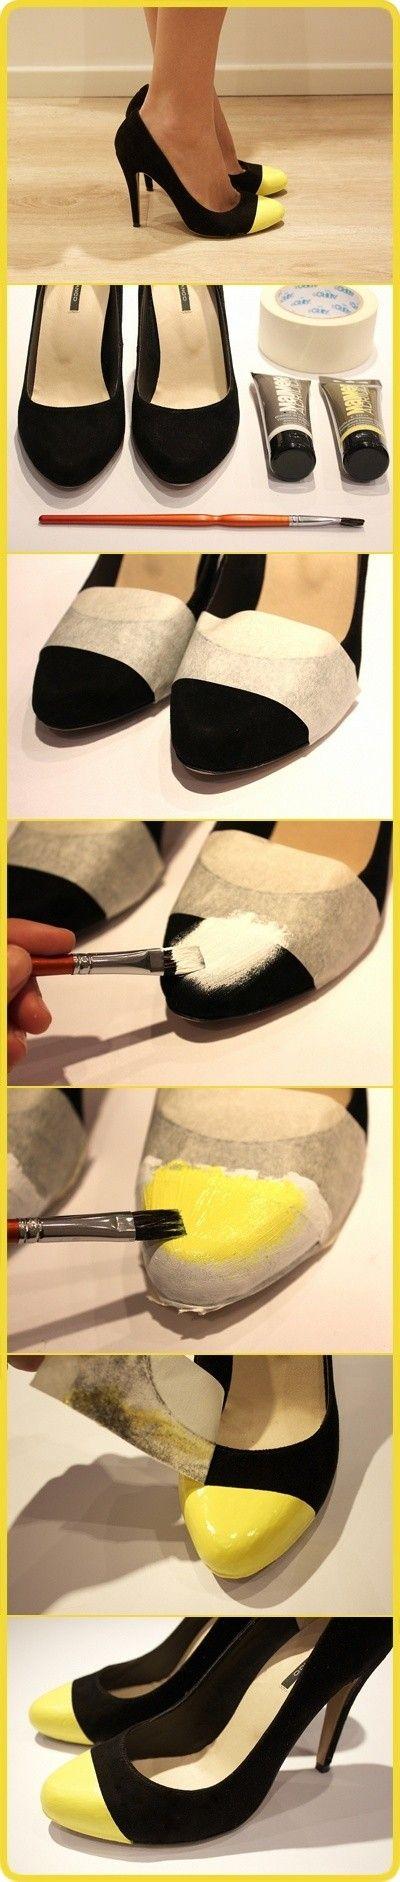 Обновить туфли своими руками